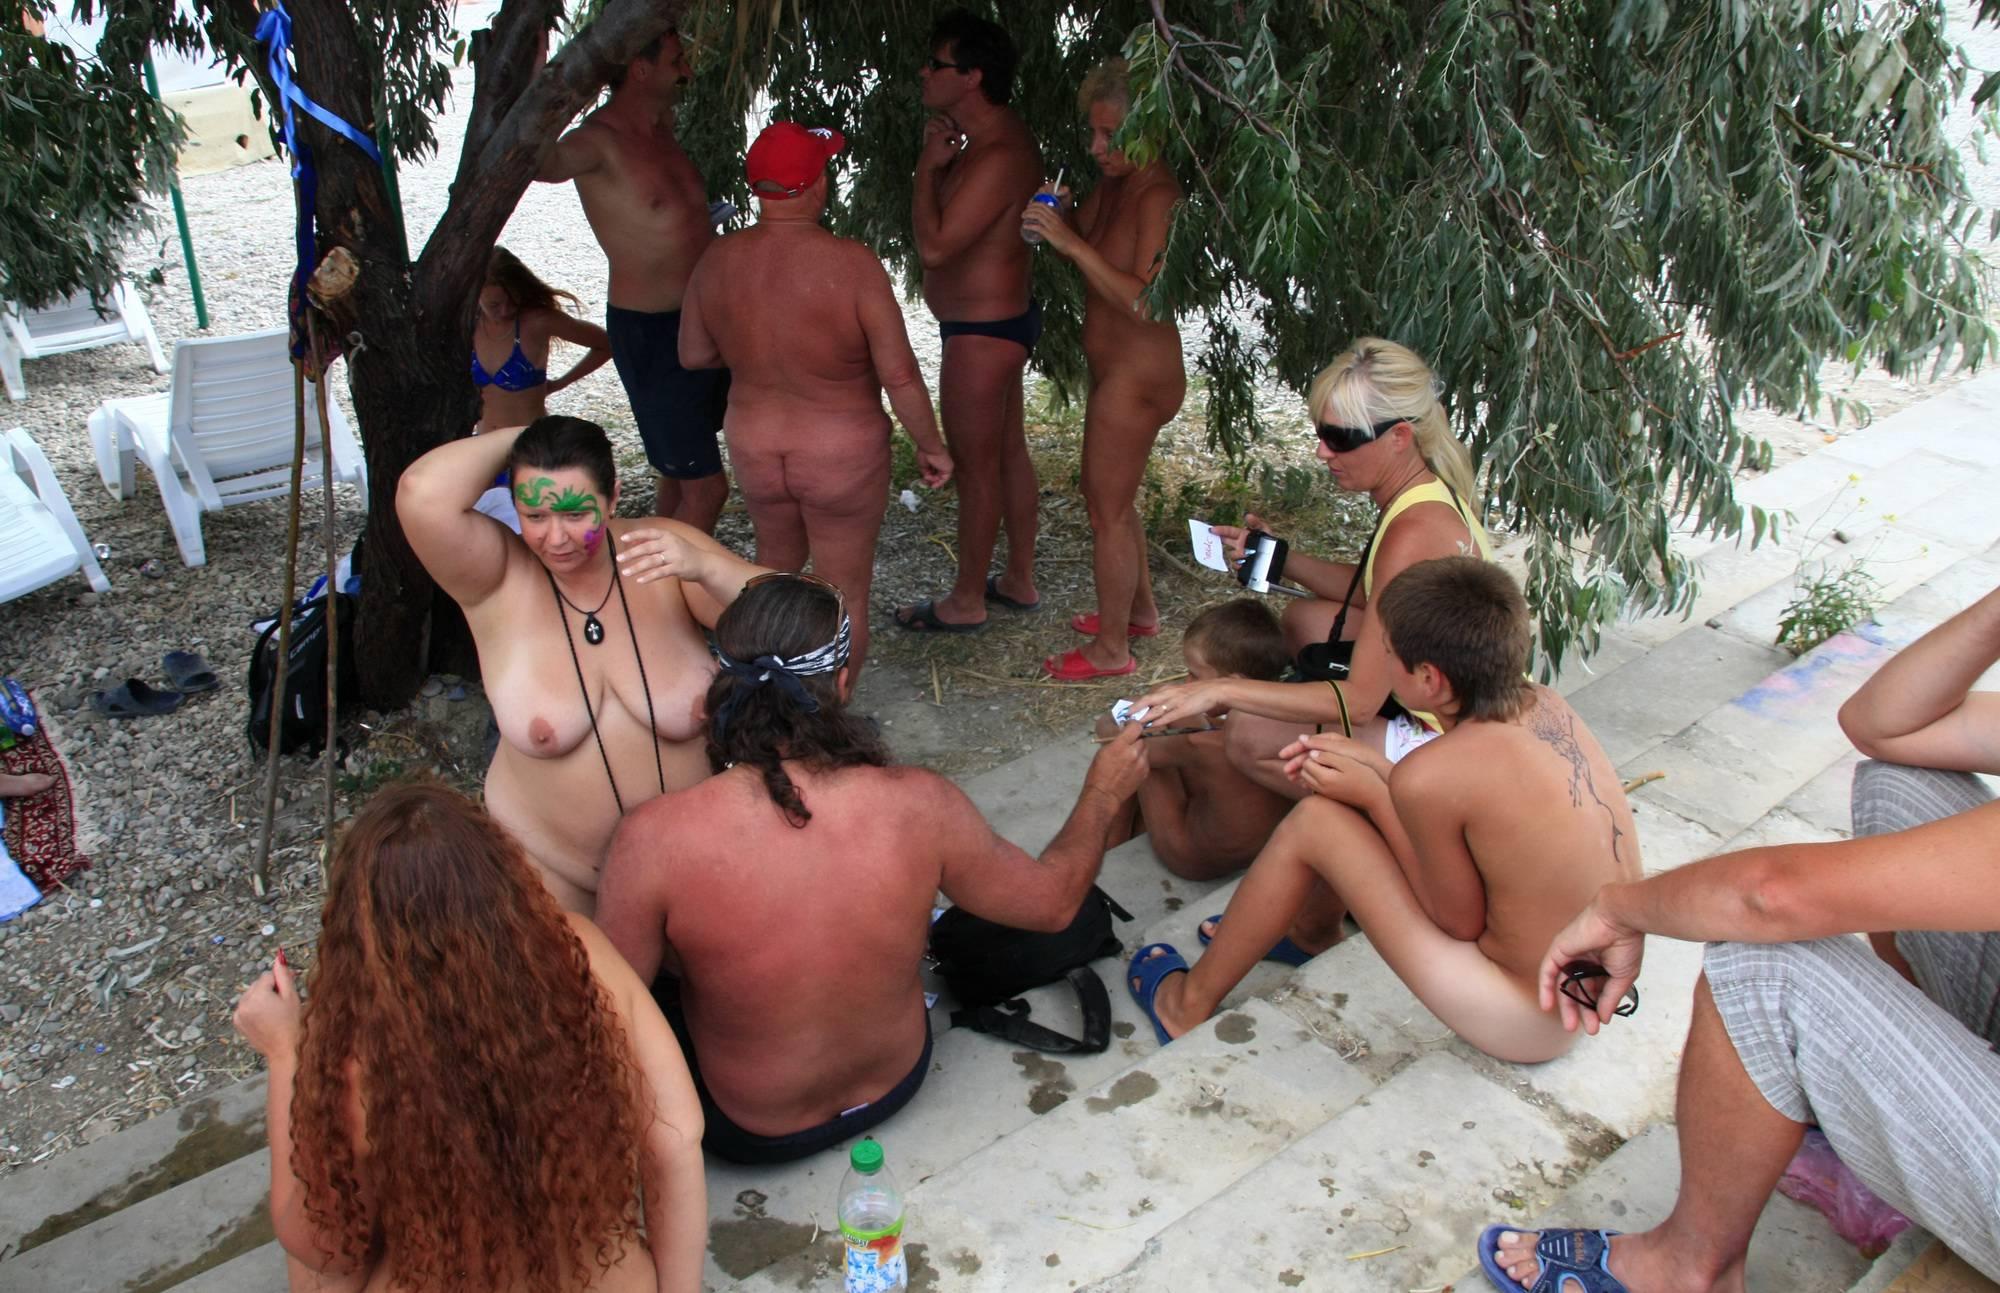 Pure Nudism Pics Pre-Show Assortments - 3